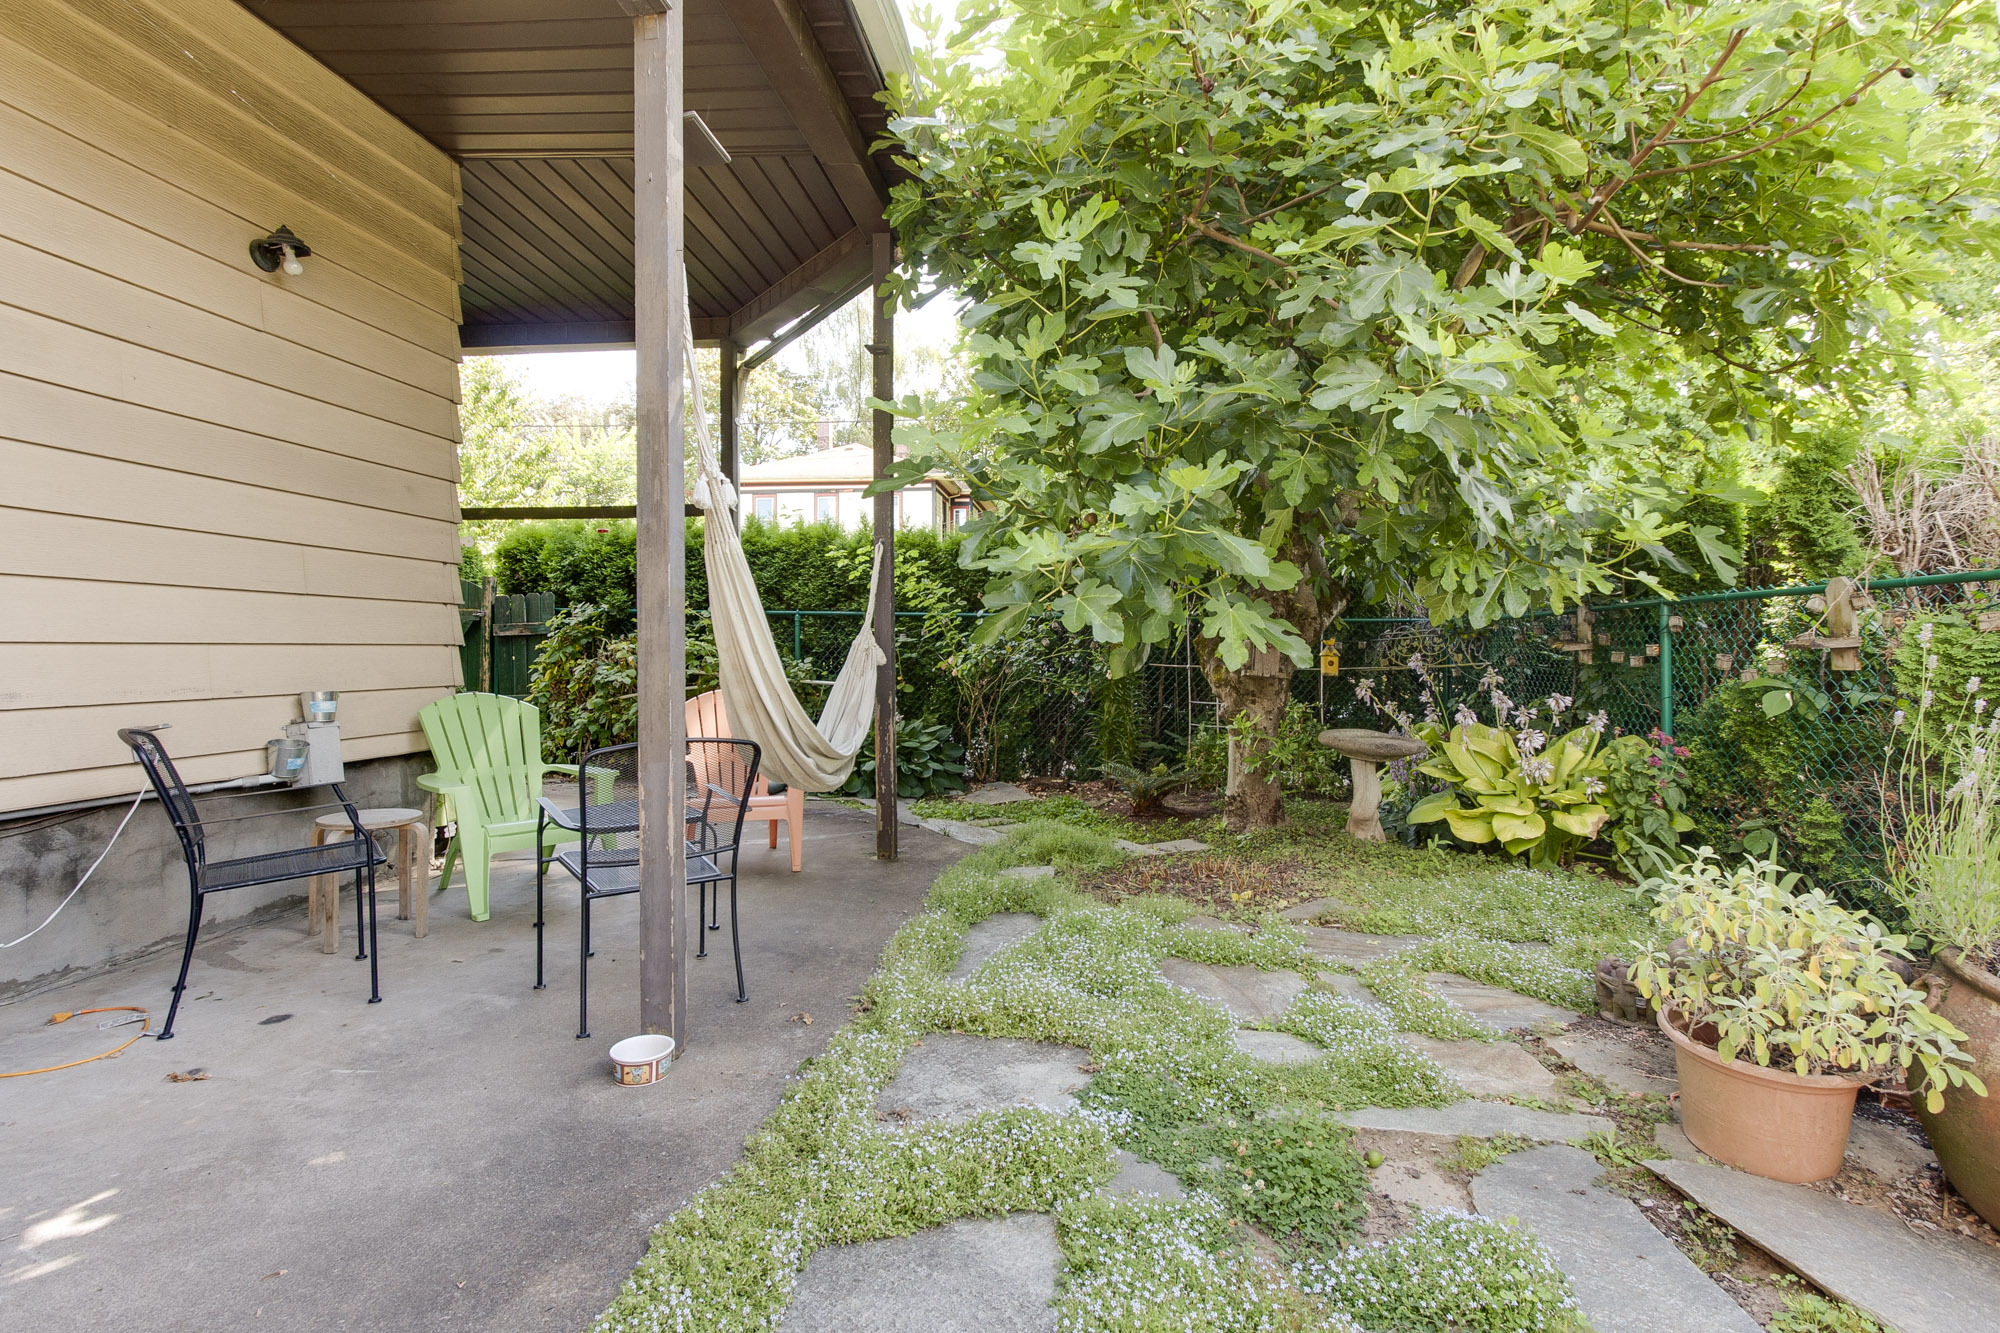 Upper floor patio outdoor space